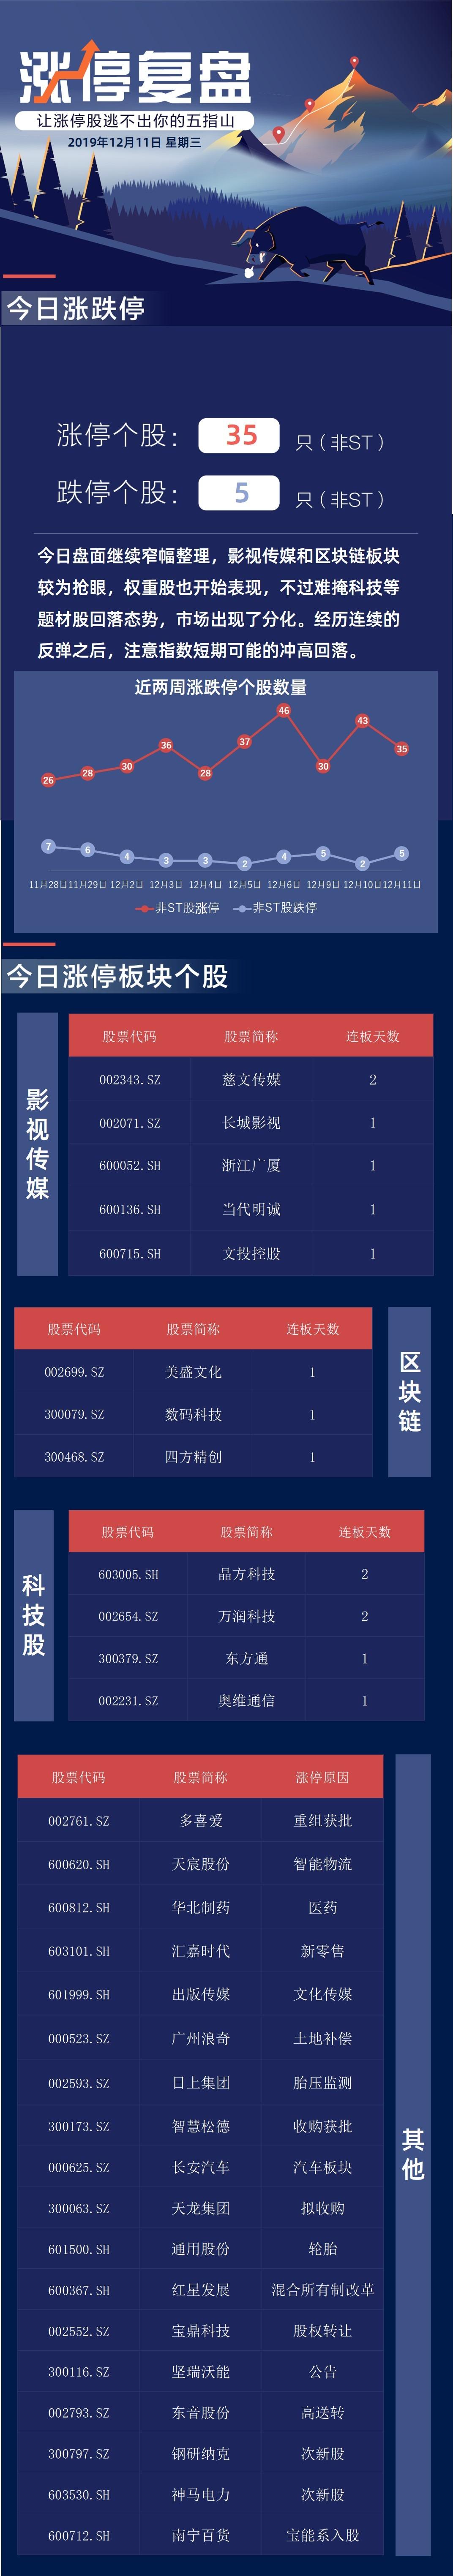 北京拟立法:物业费由业主和物业管理人协商决定